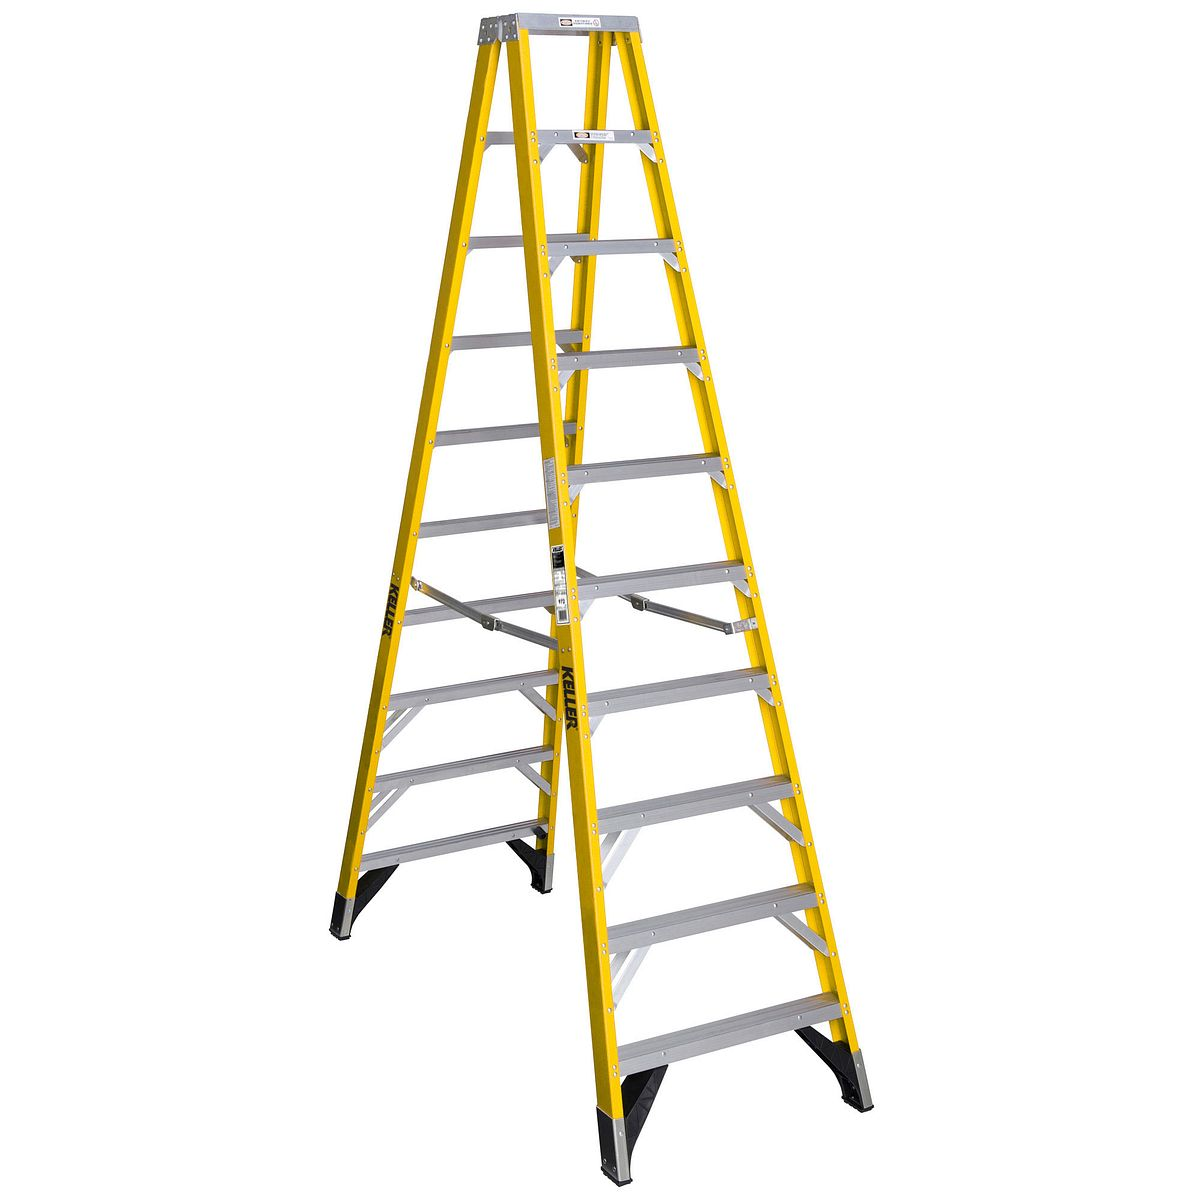 T1070 Step Ladders Keller Us